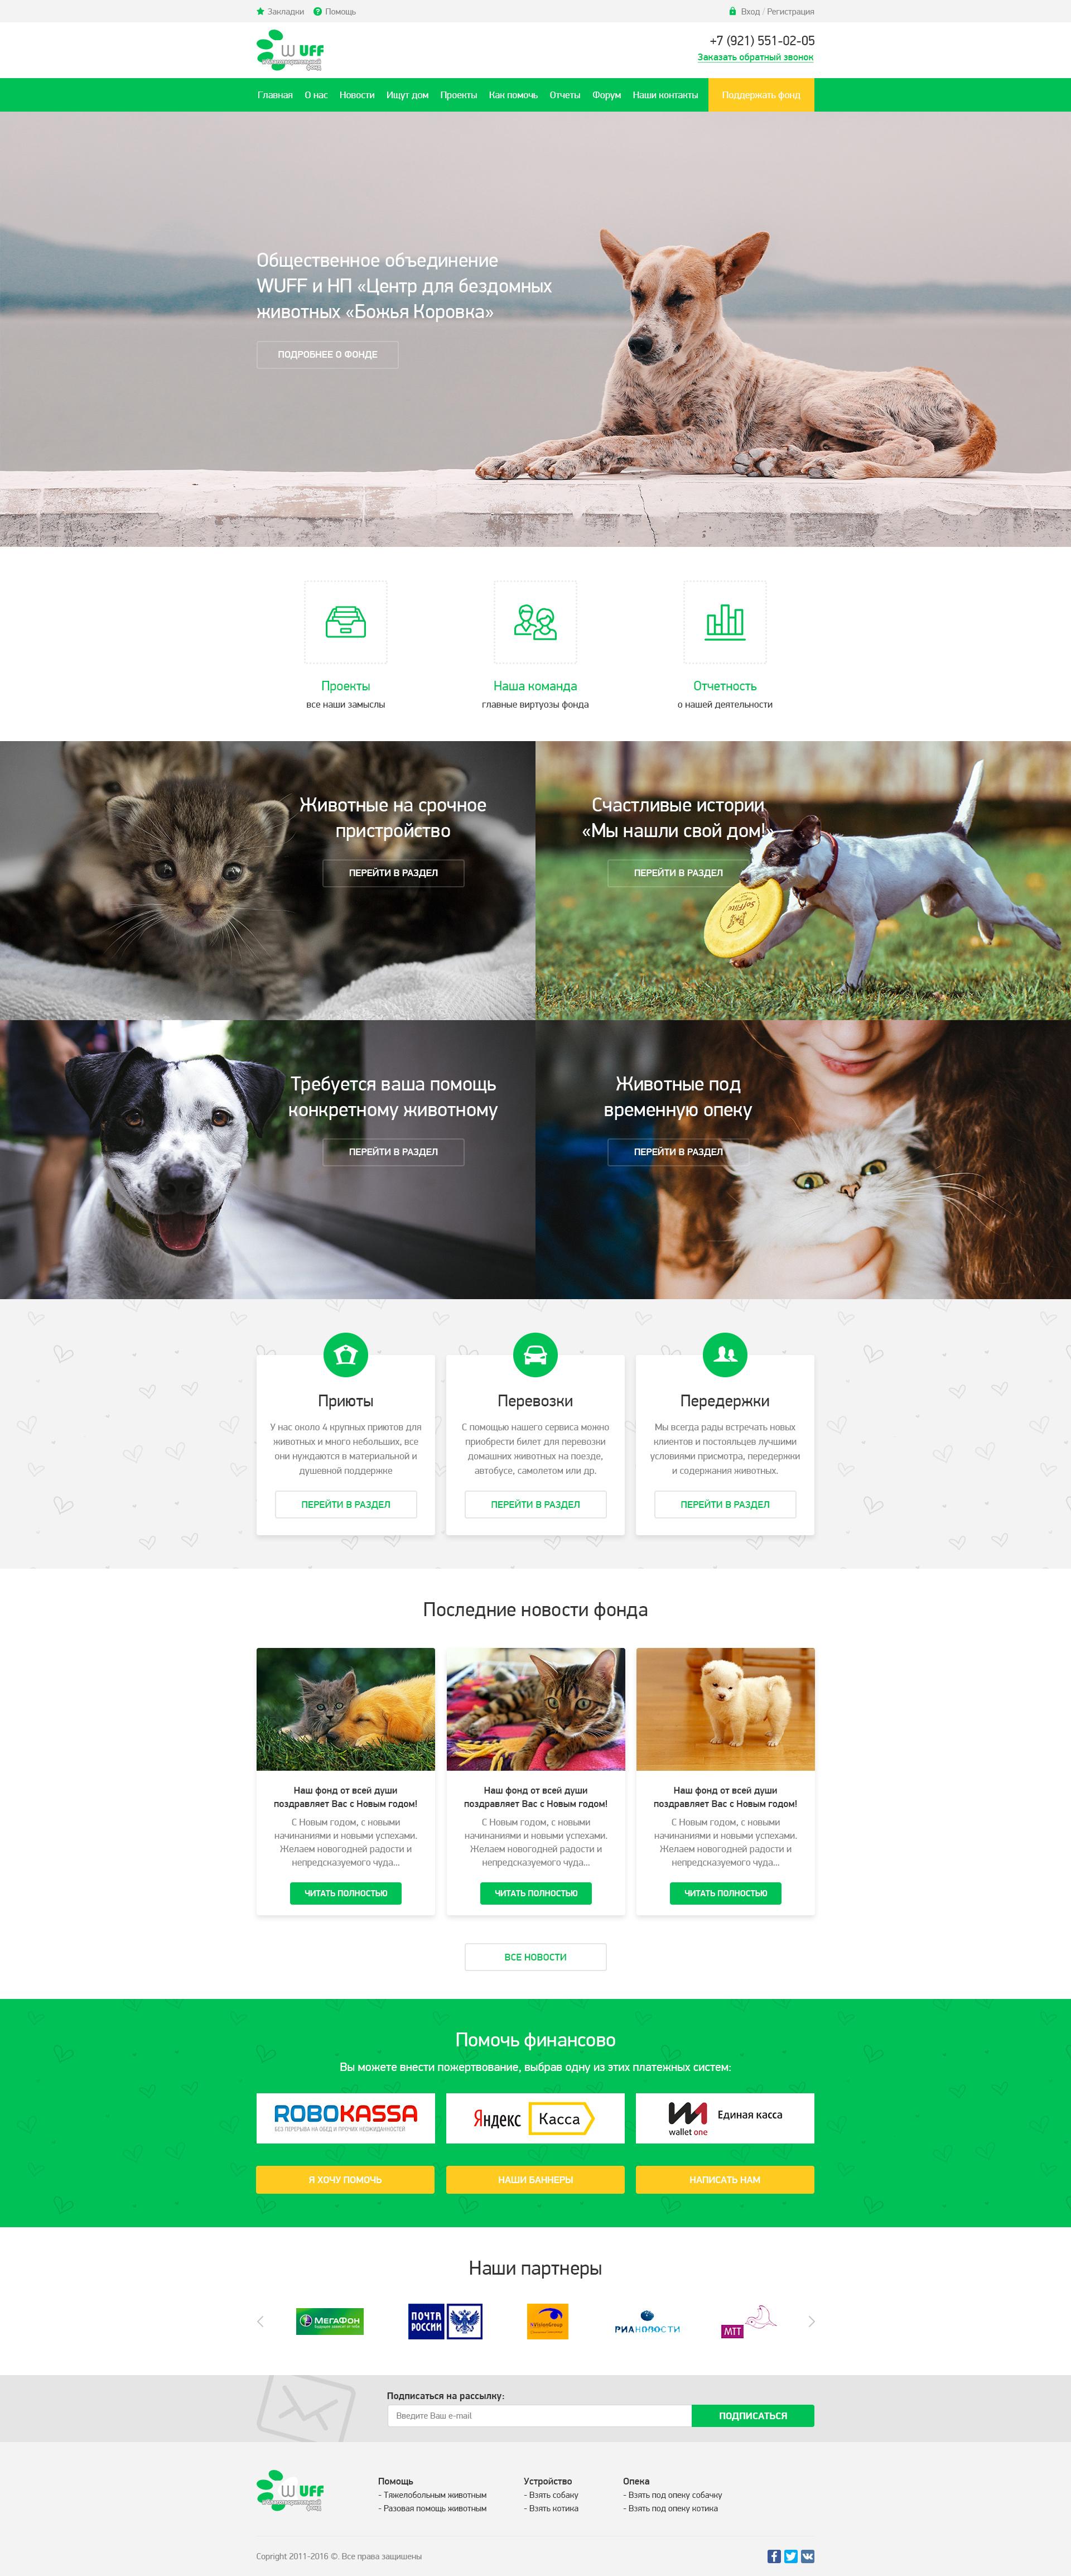 Требуется разработать дизайн сайта помощи бездомным животным фото f_94458807853ab616.jpg